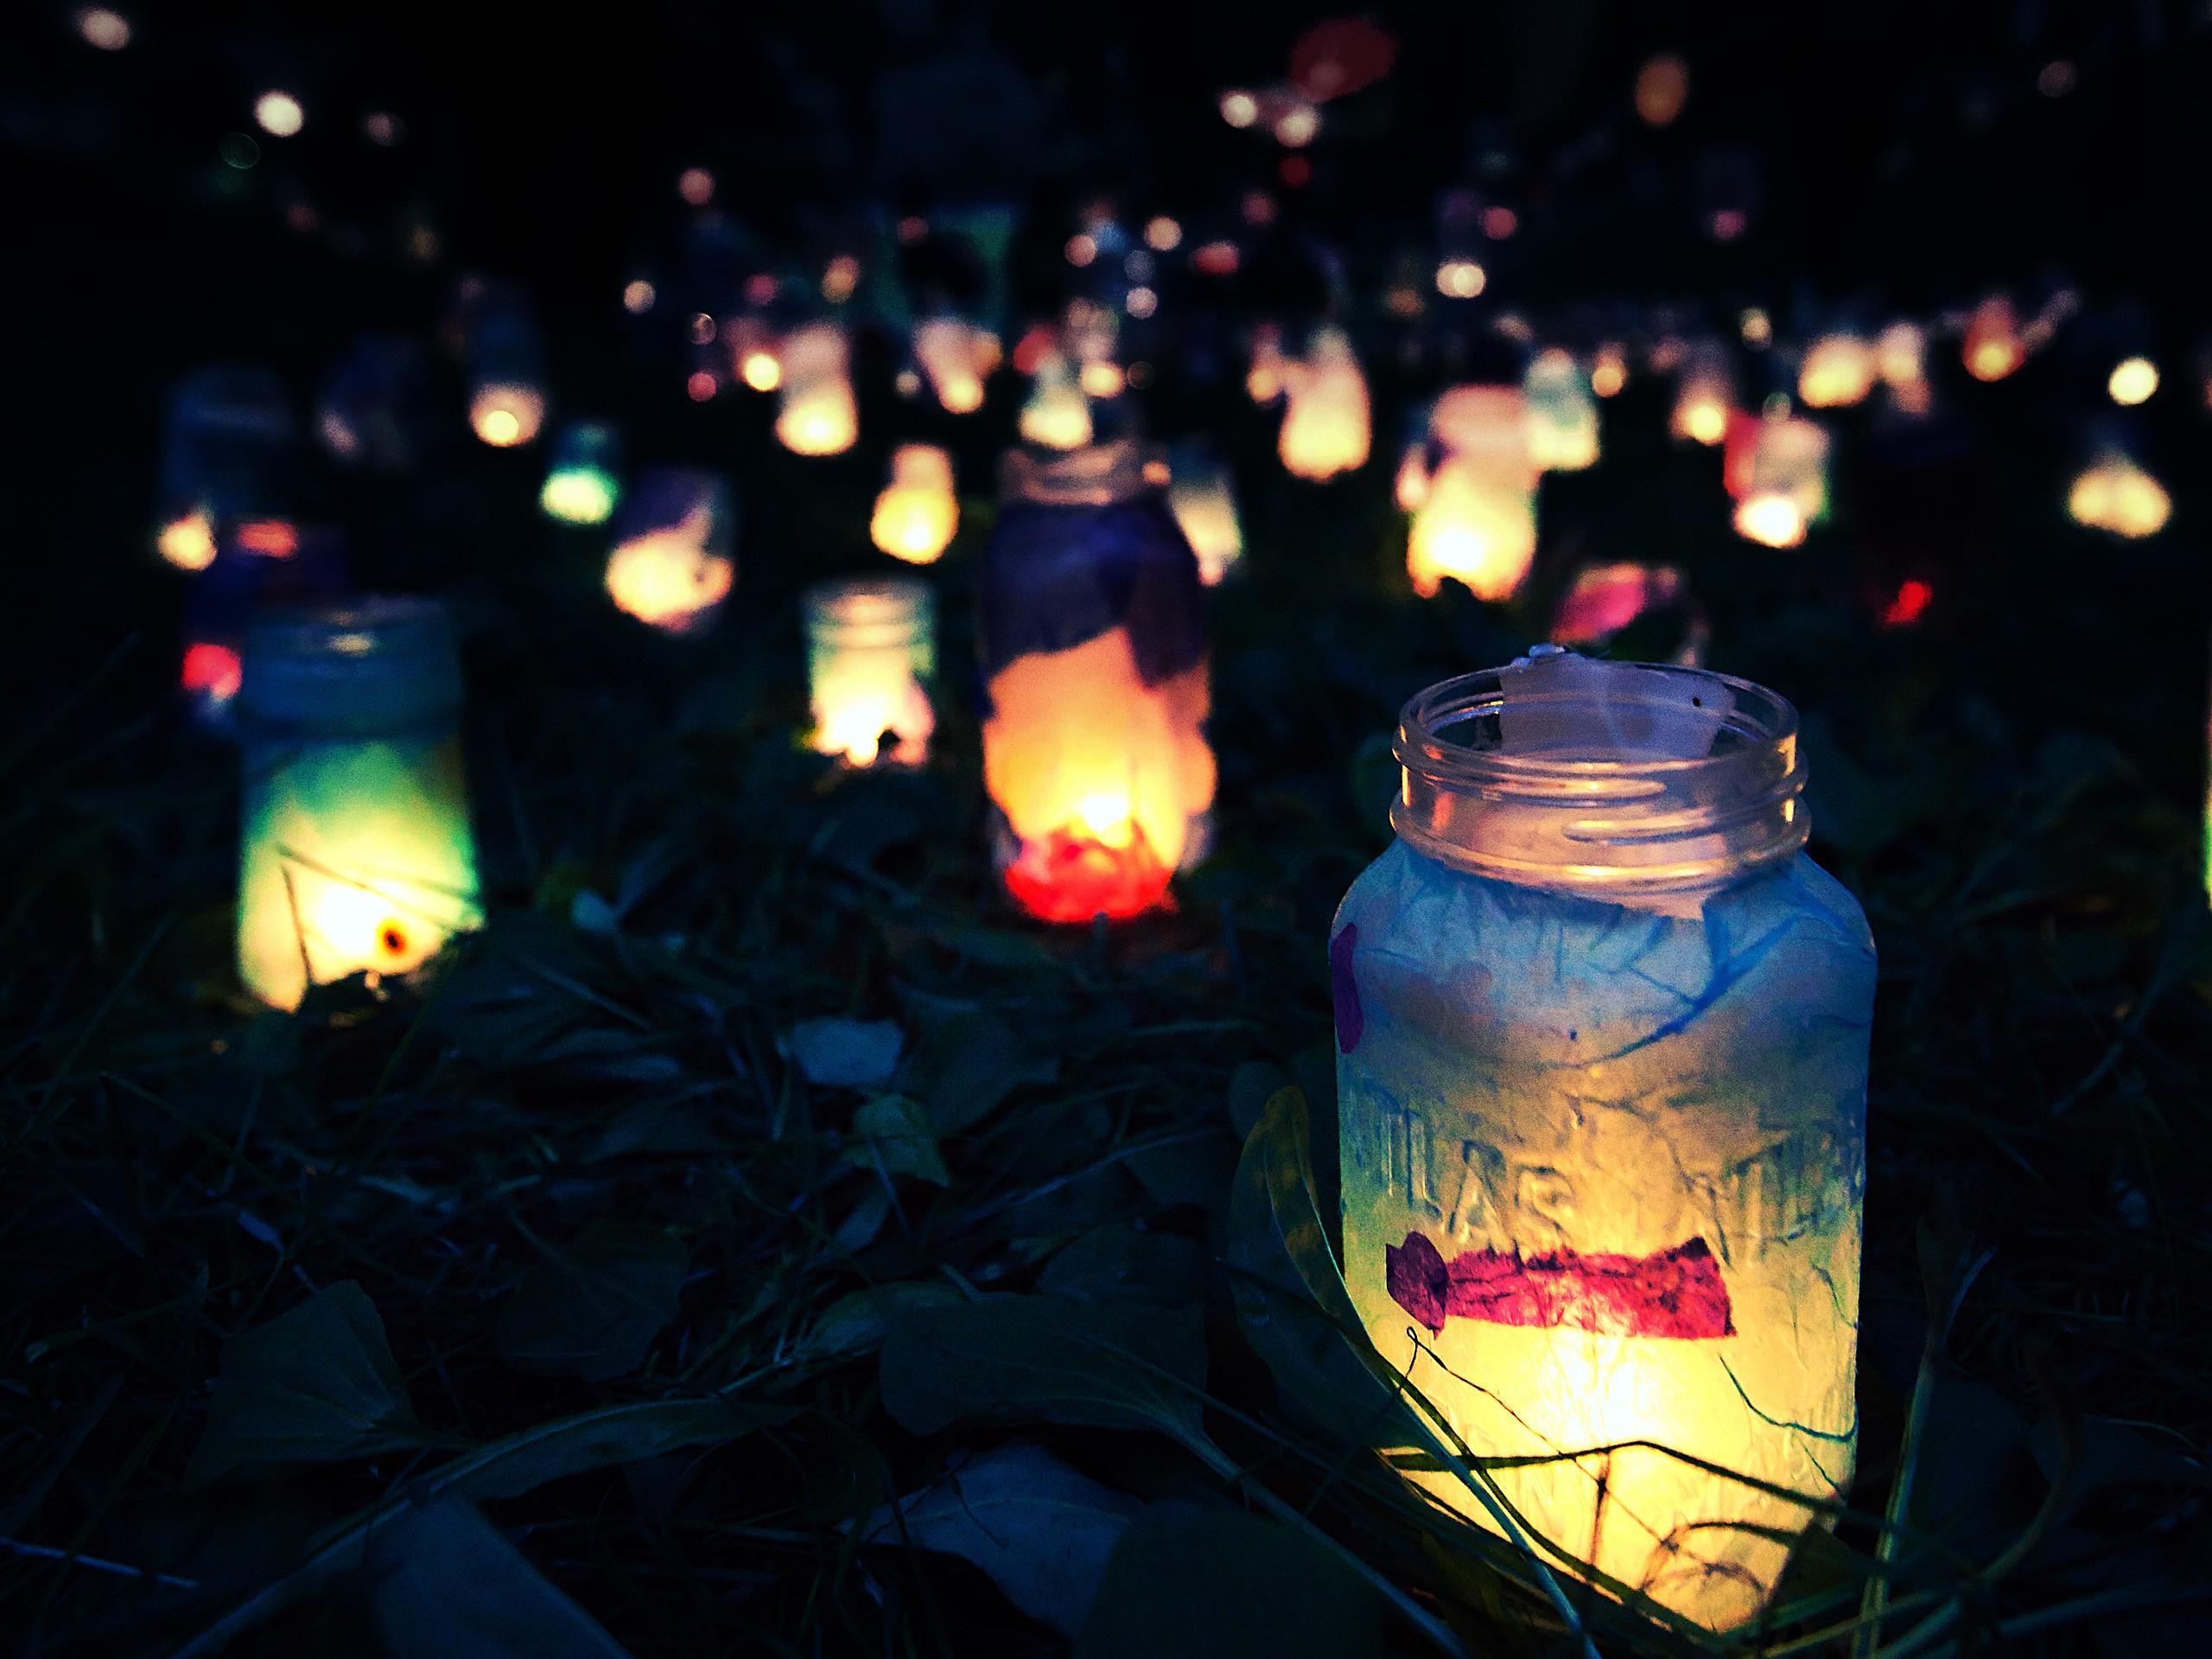 синий фонарь свечка  № 2050268 без смс